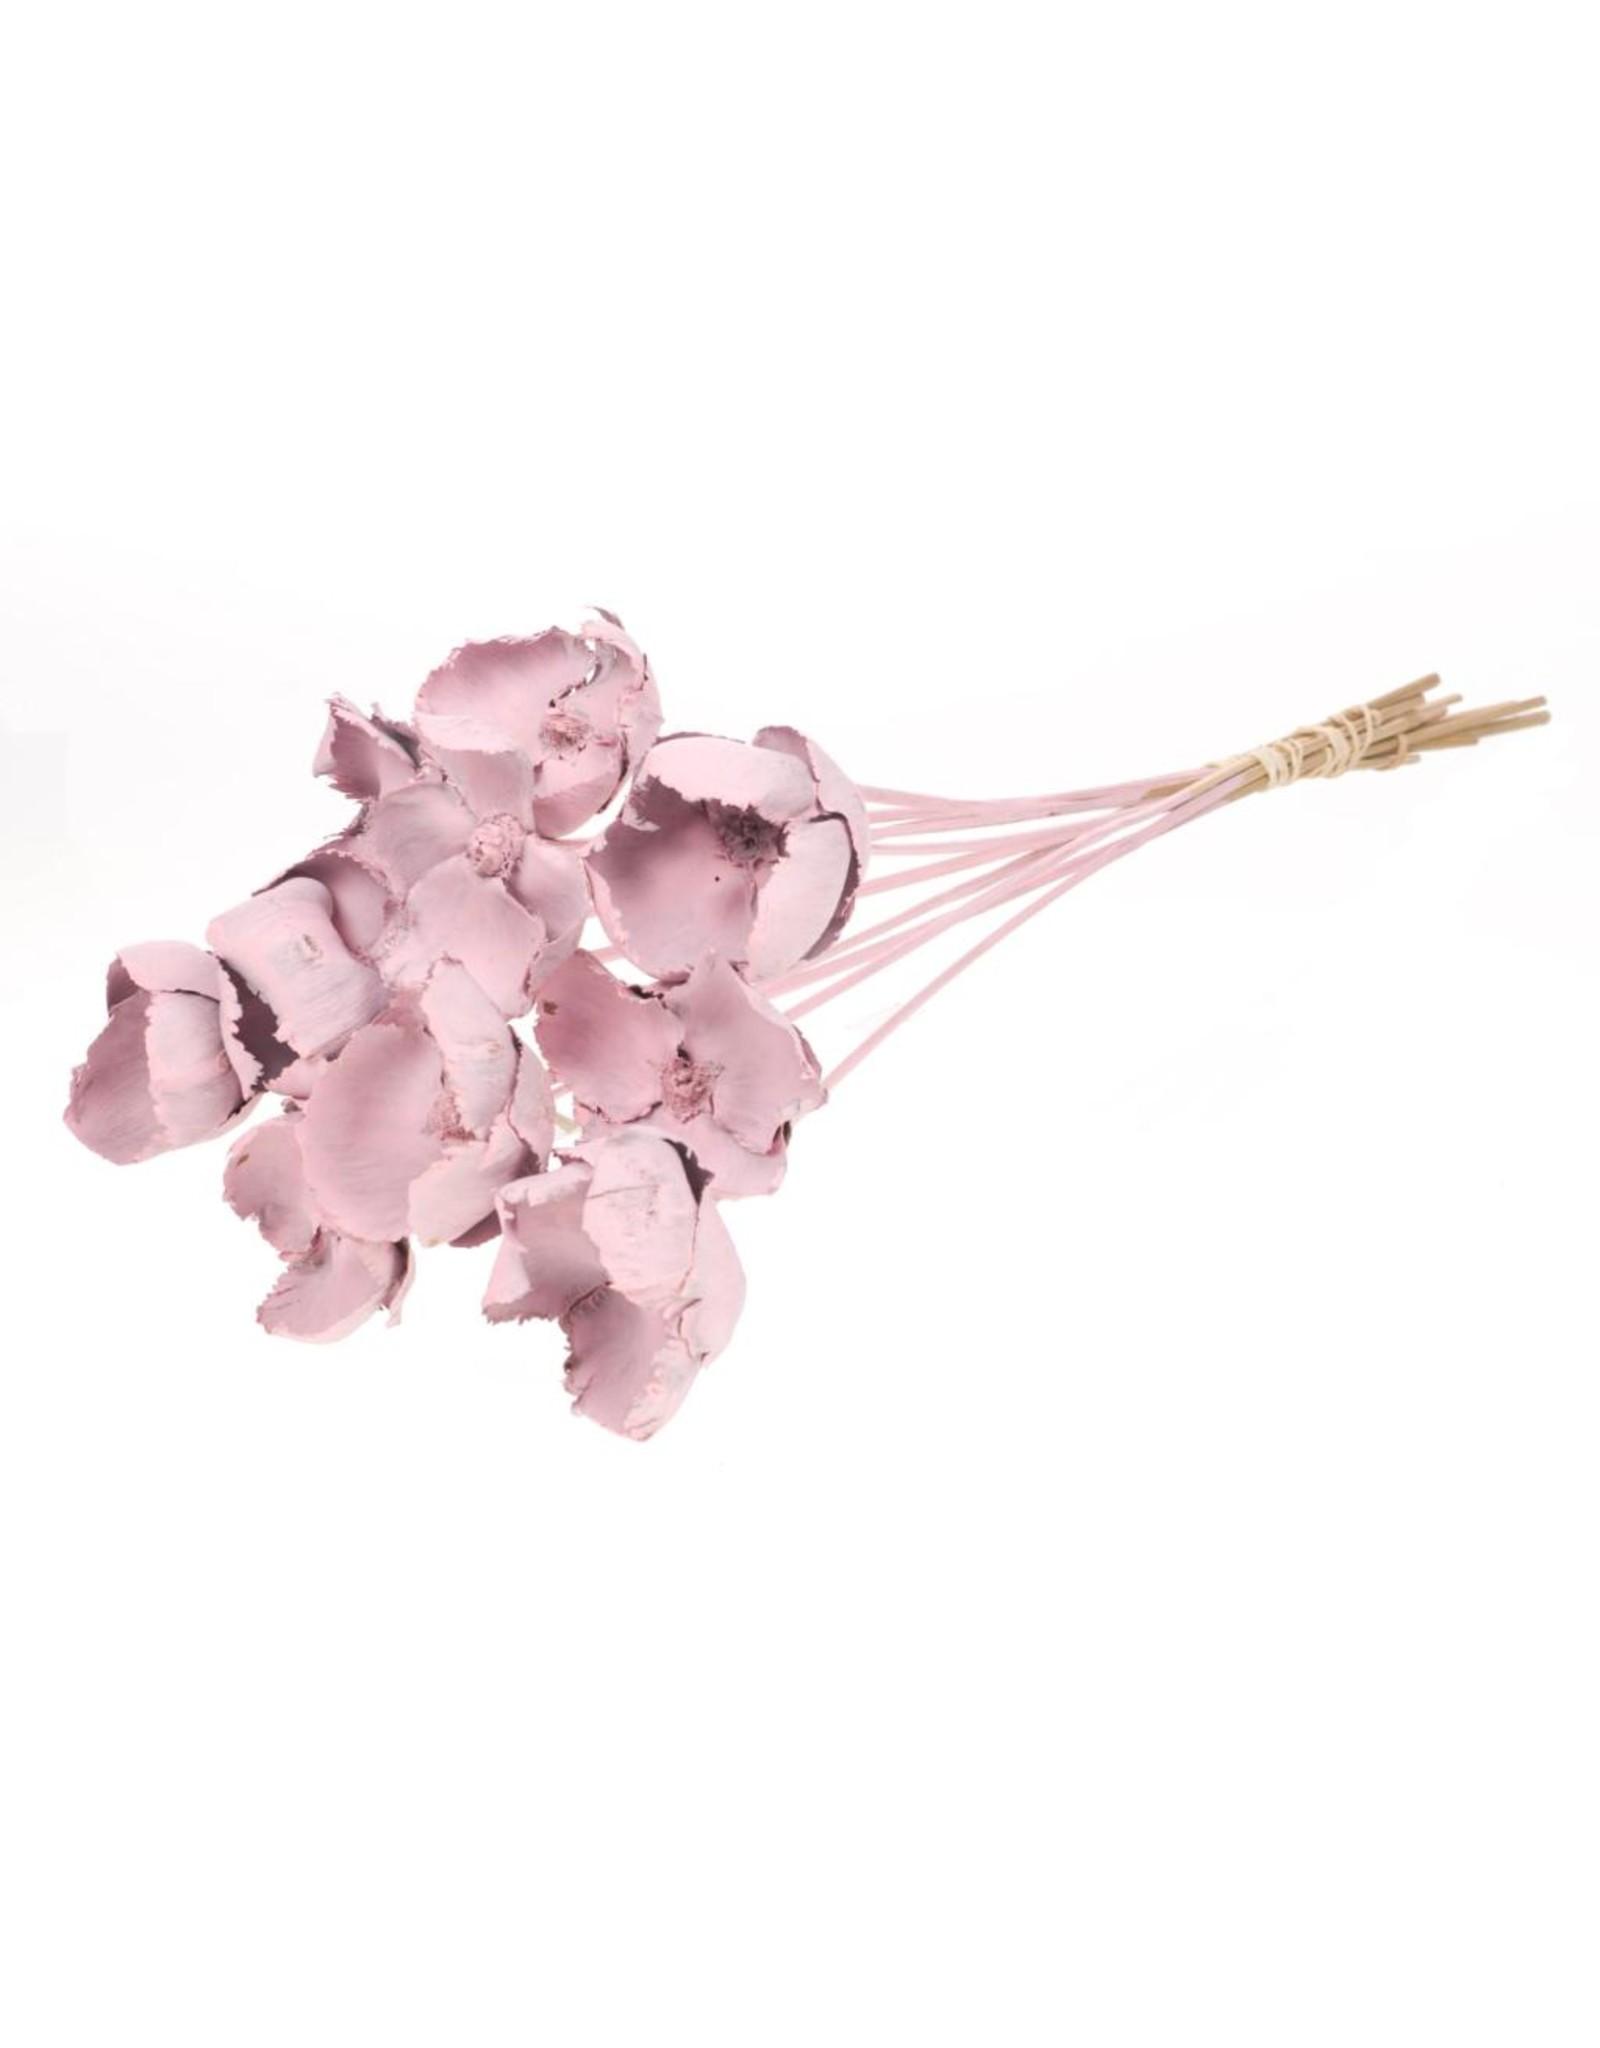 Palmcup o/s pink misty x 12